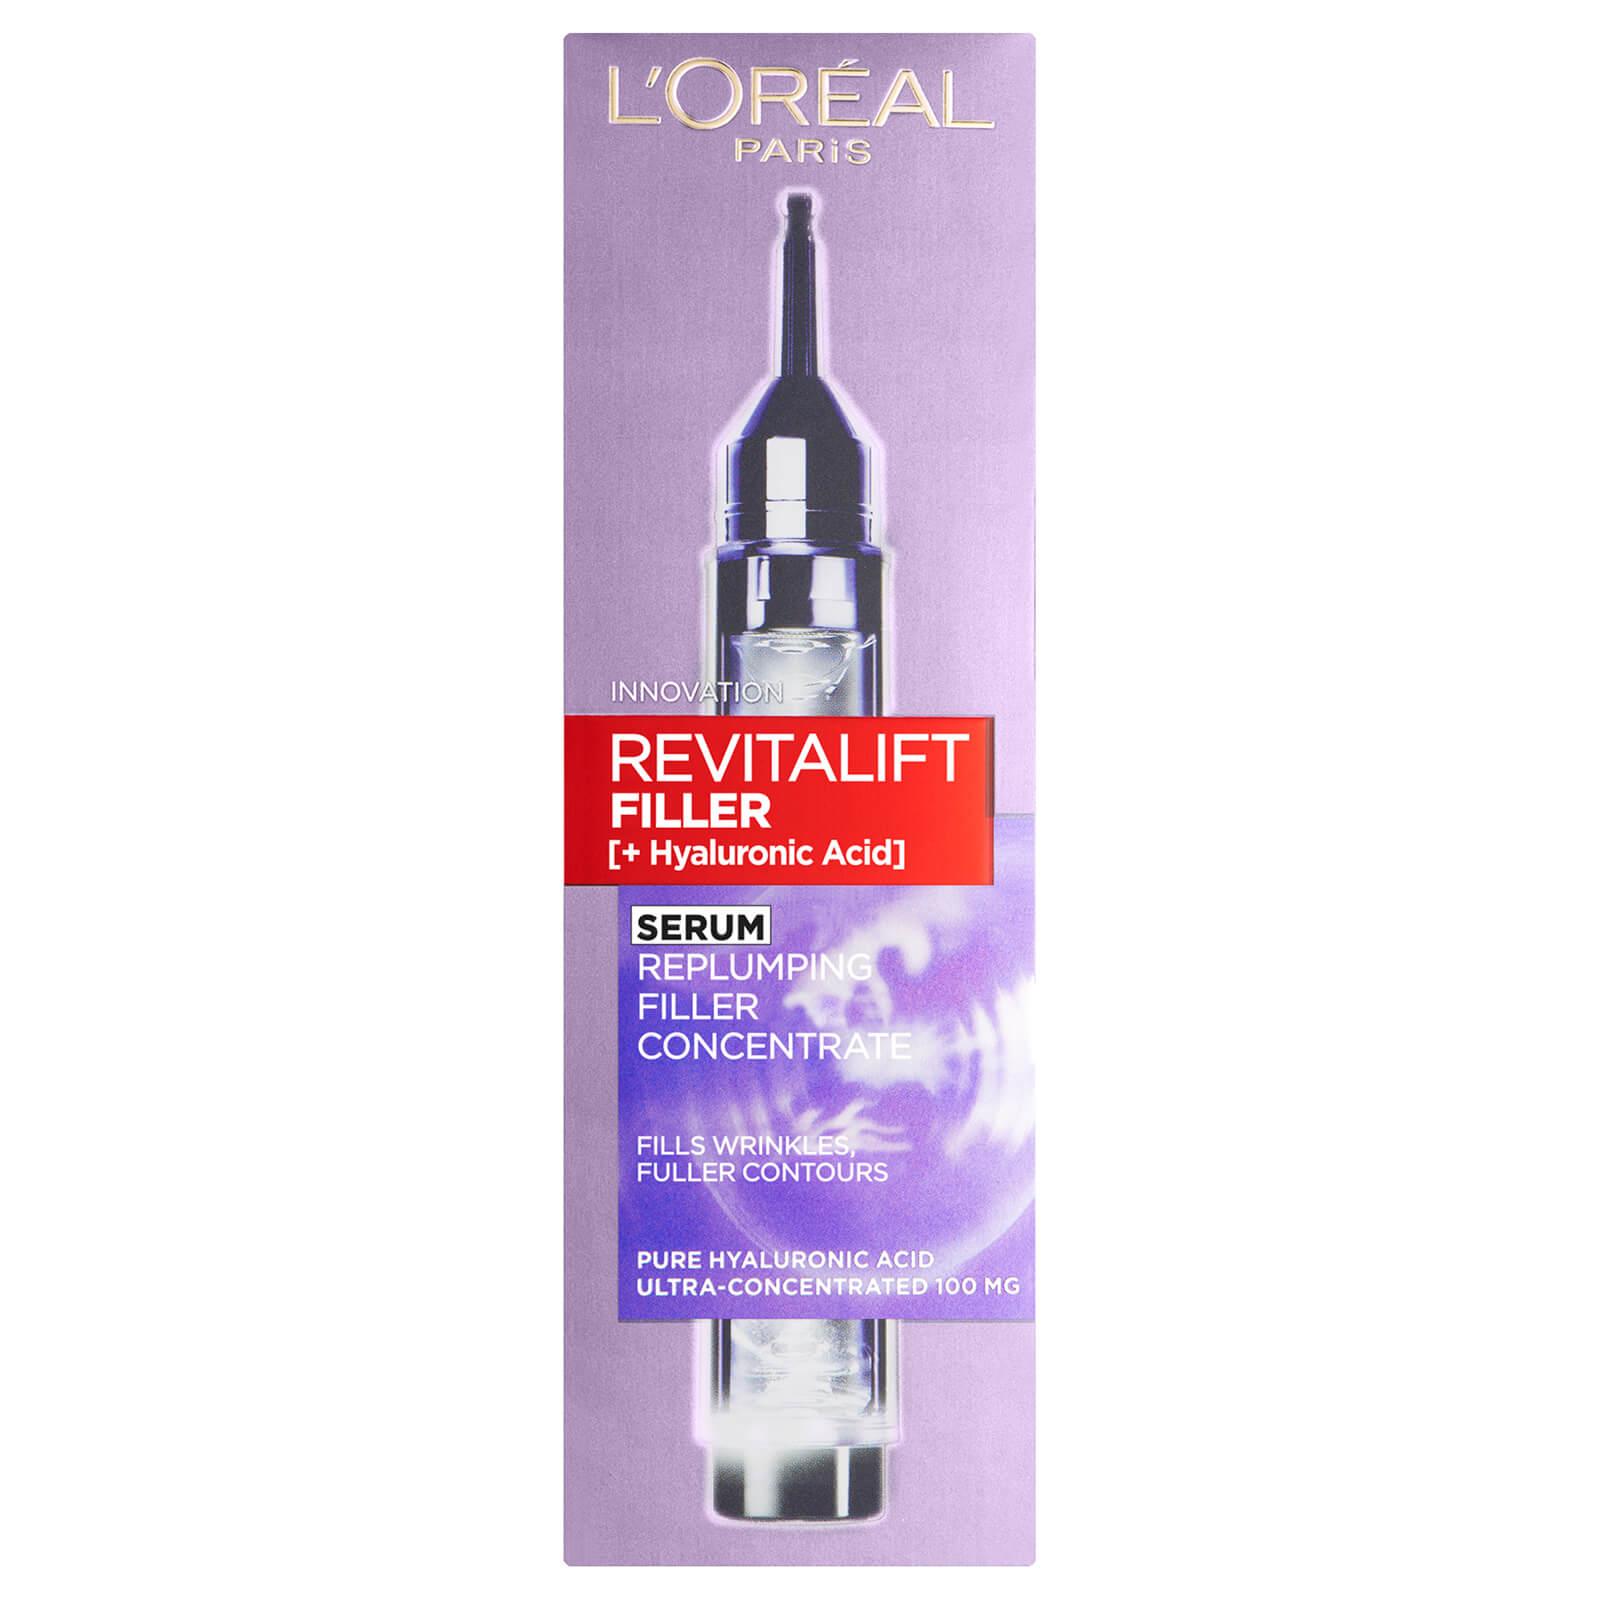 L'Oréal Paris Revitalift Filler + Hyaluronic Acid Replumping Serum 16ml